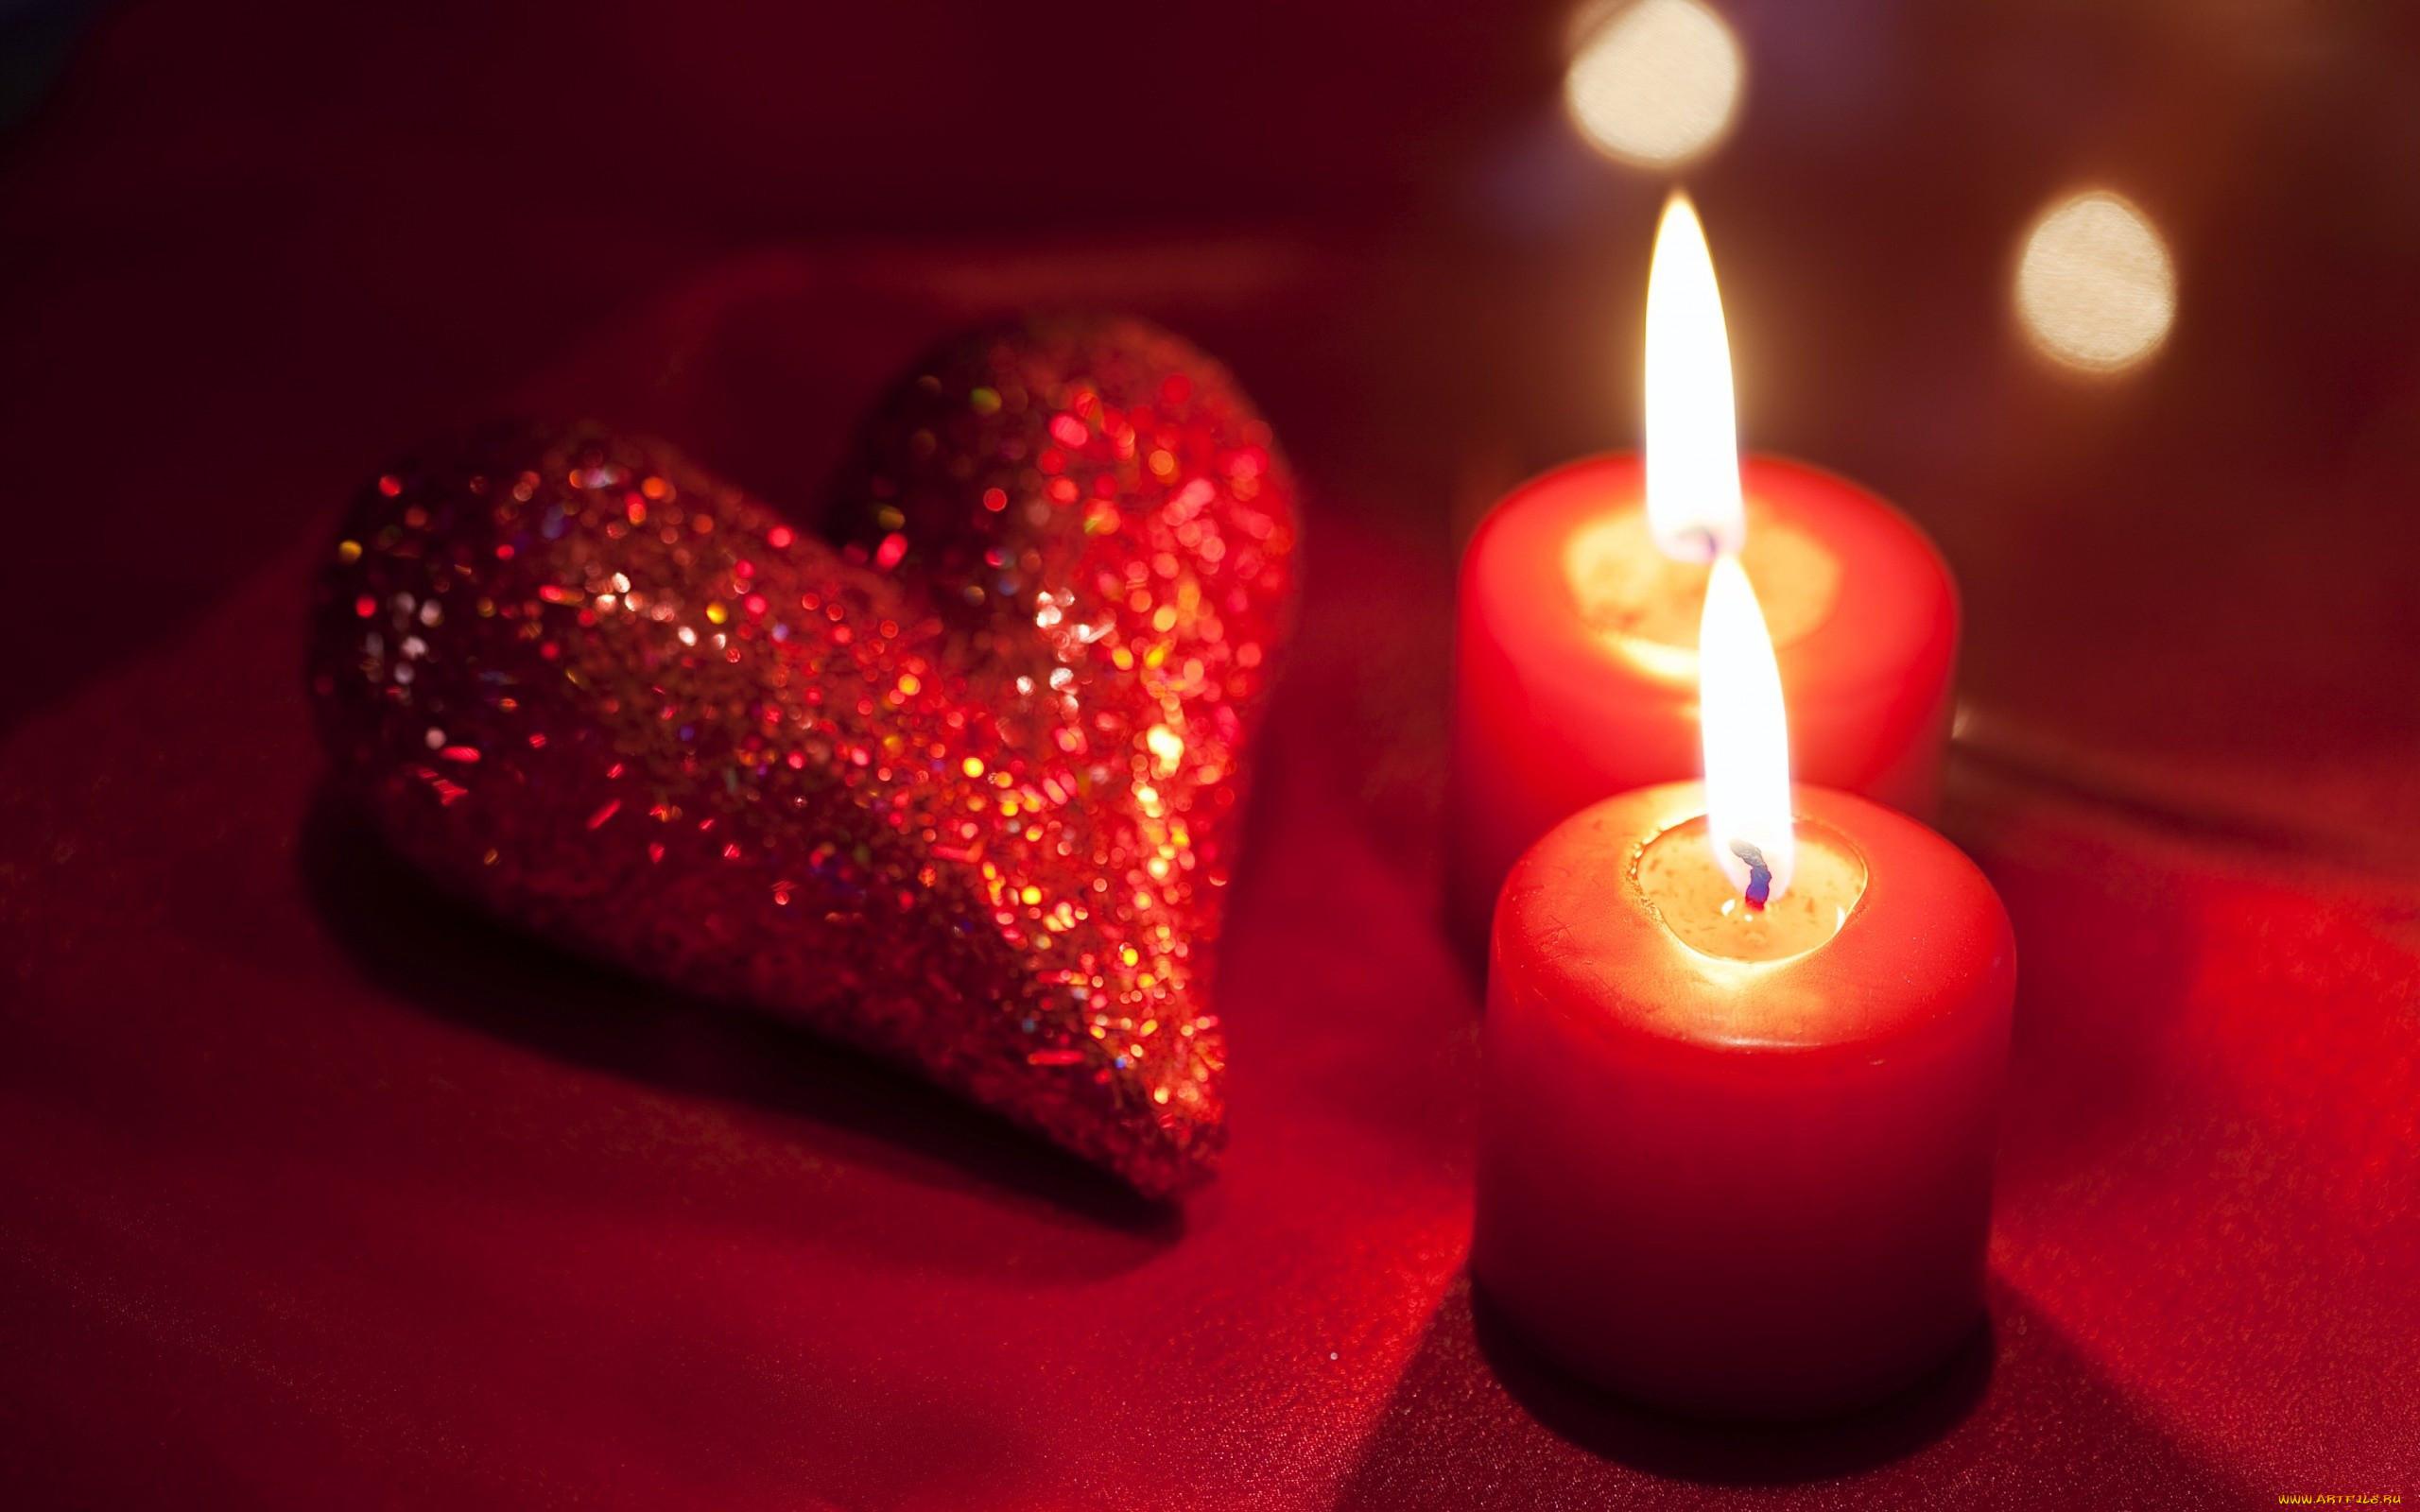 загрузила фото свечей и любви может